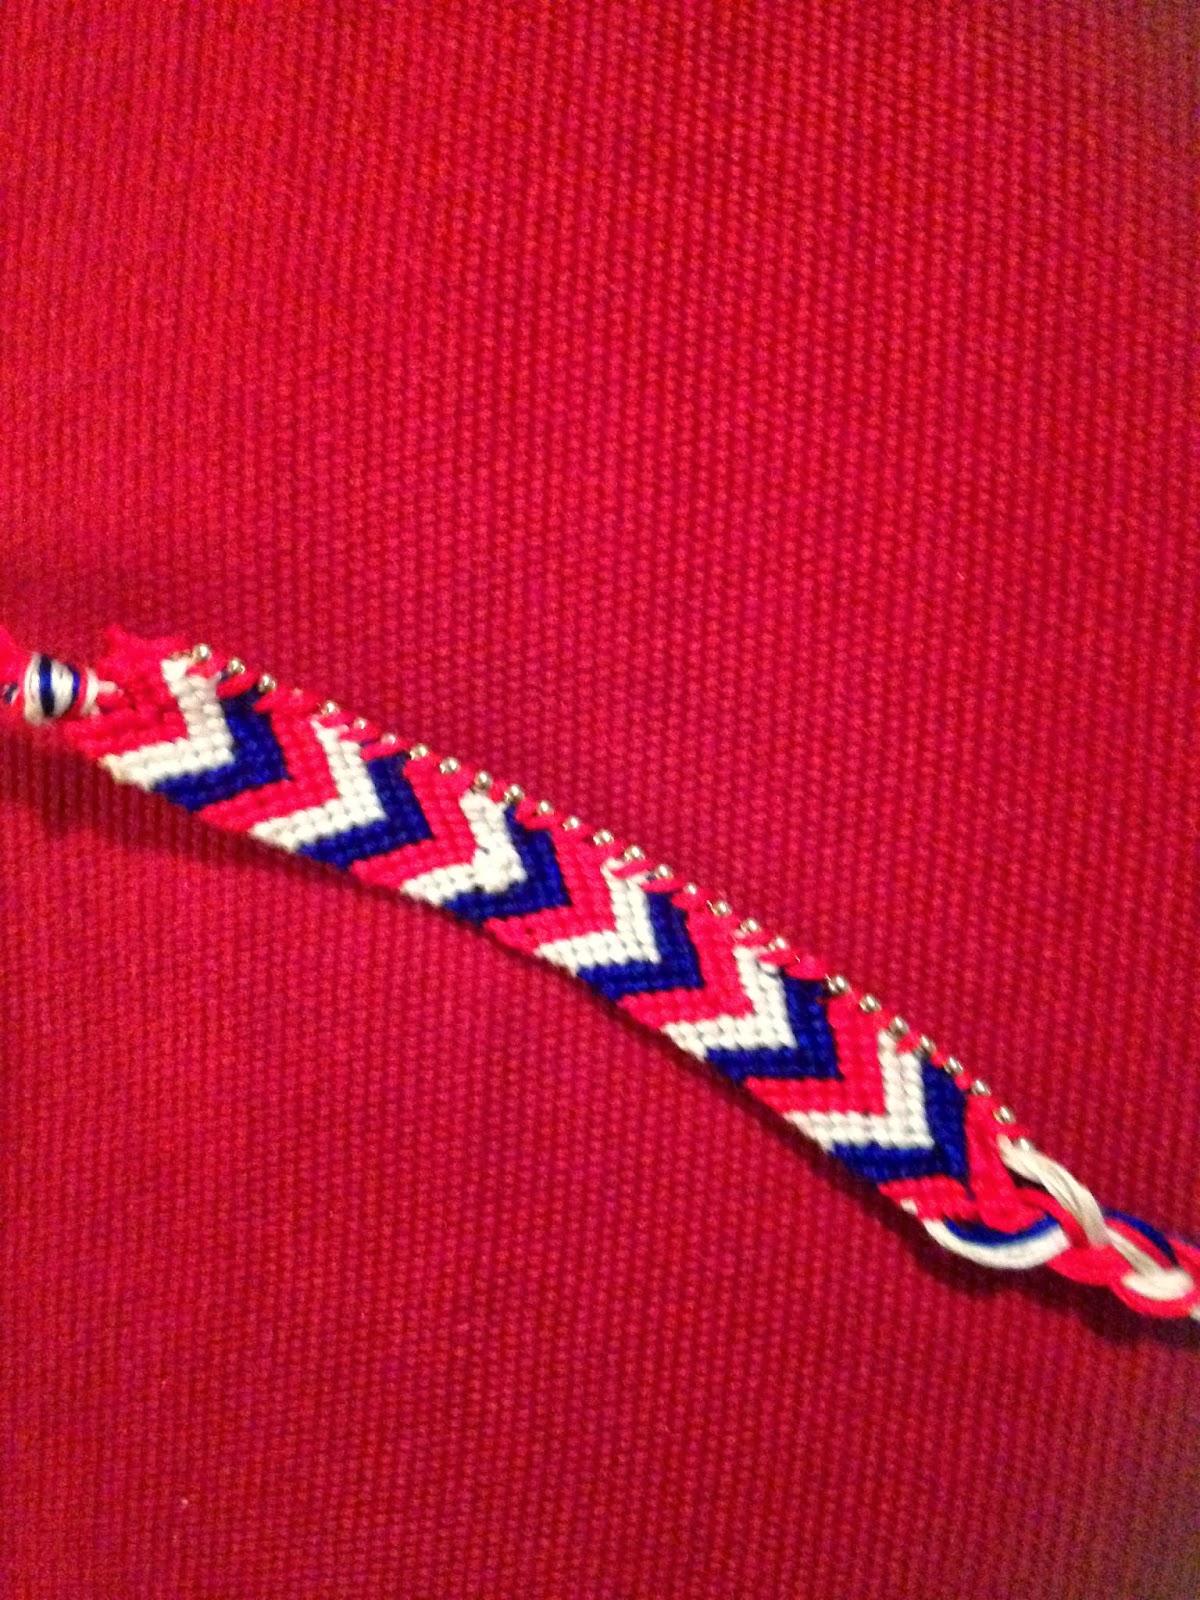 Ball chain on friendship bracelet